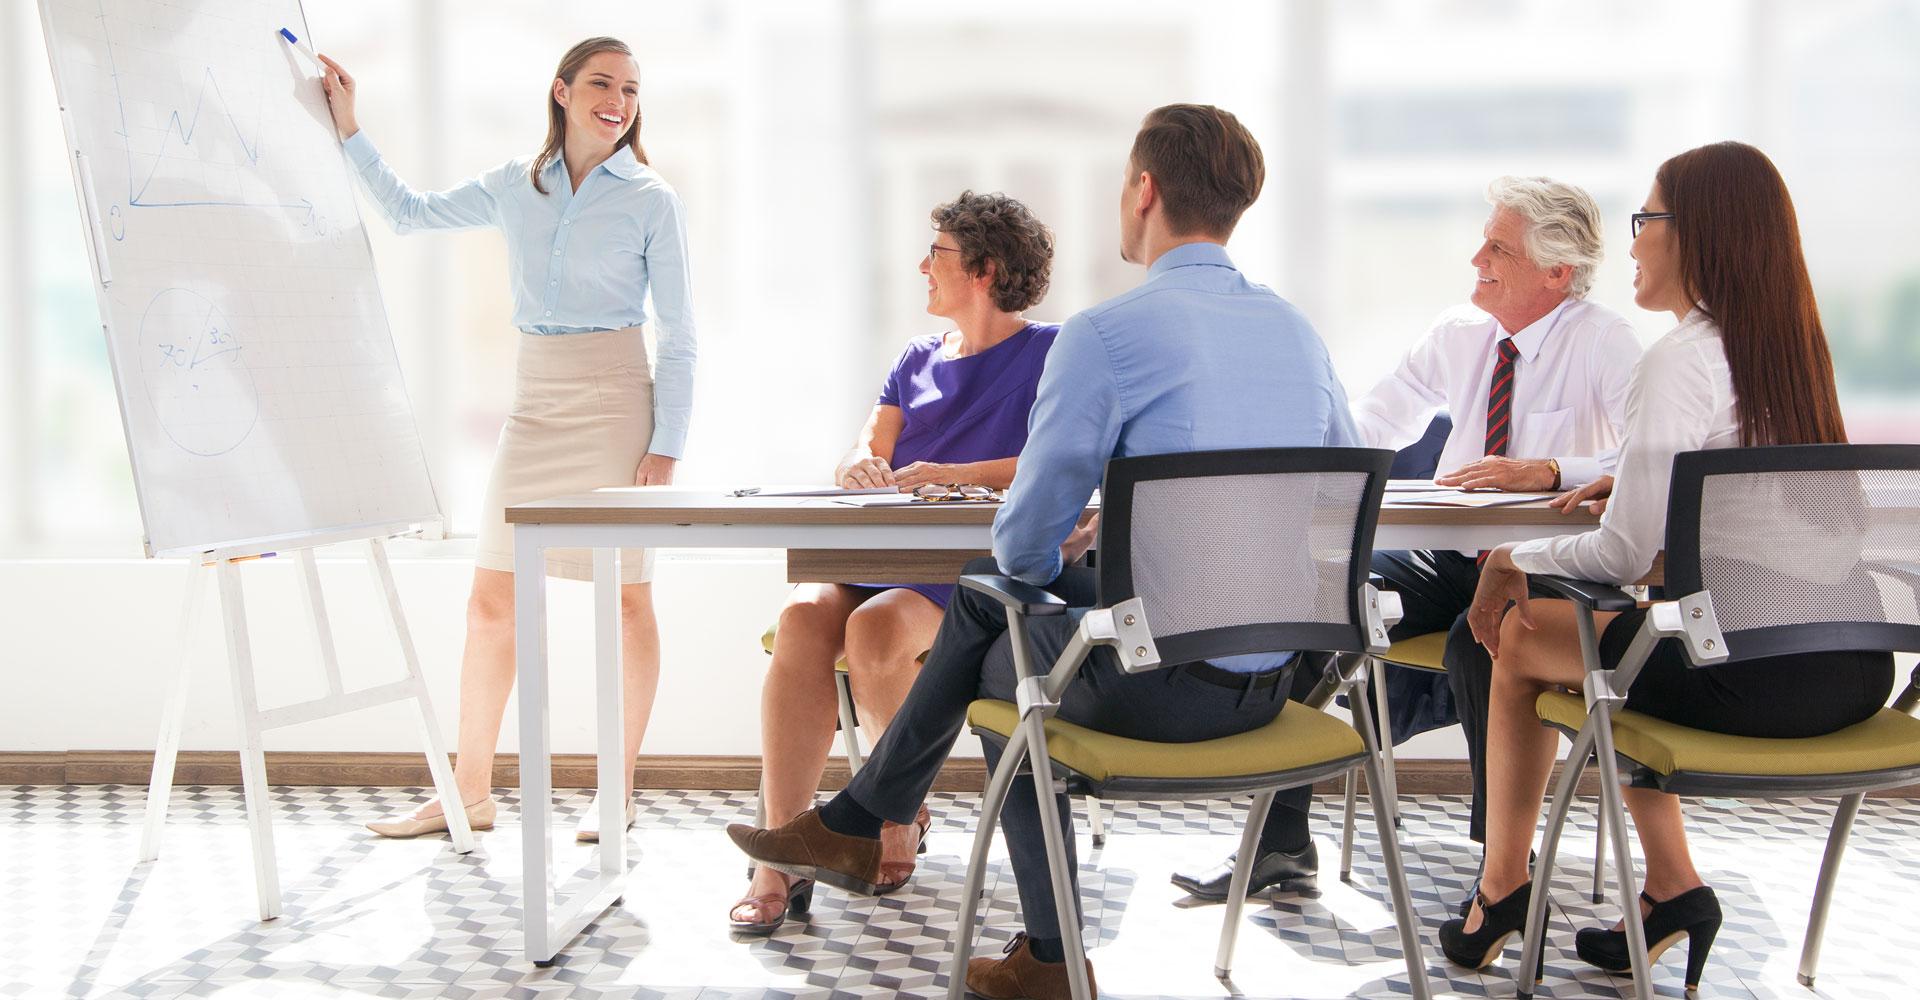 Les-axes-d'interventions-du-coaching-pour-cadres